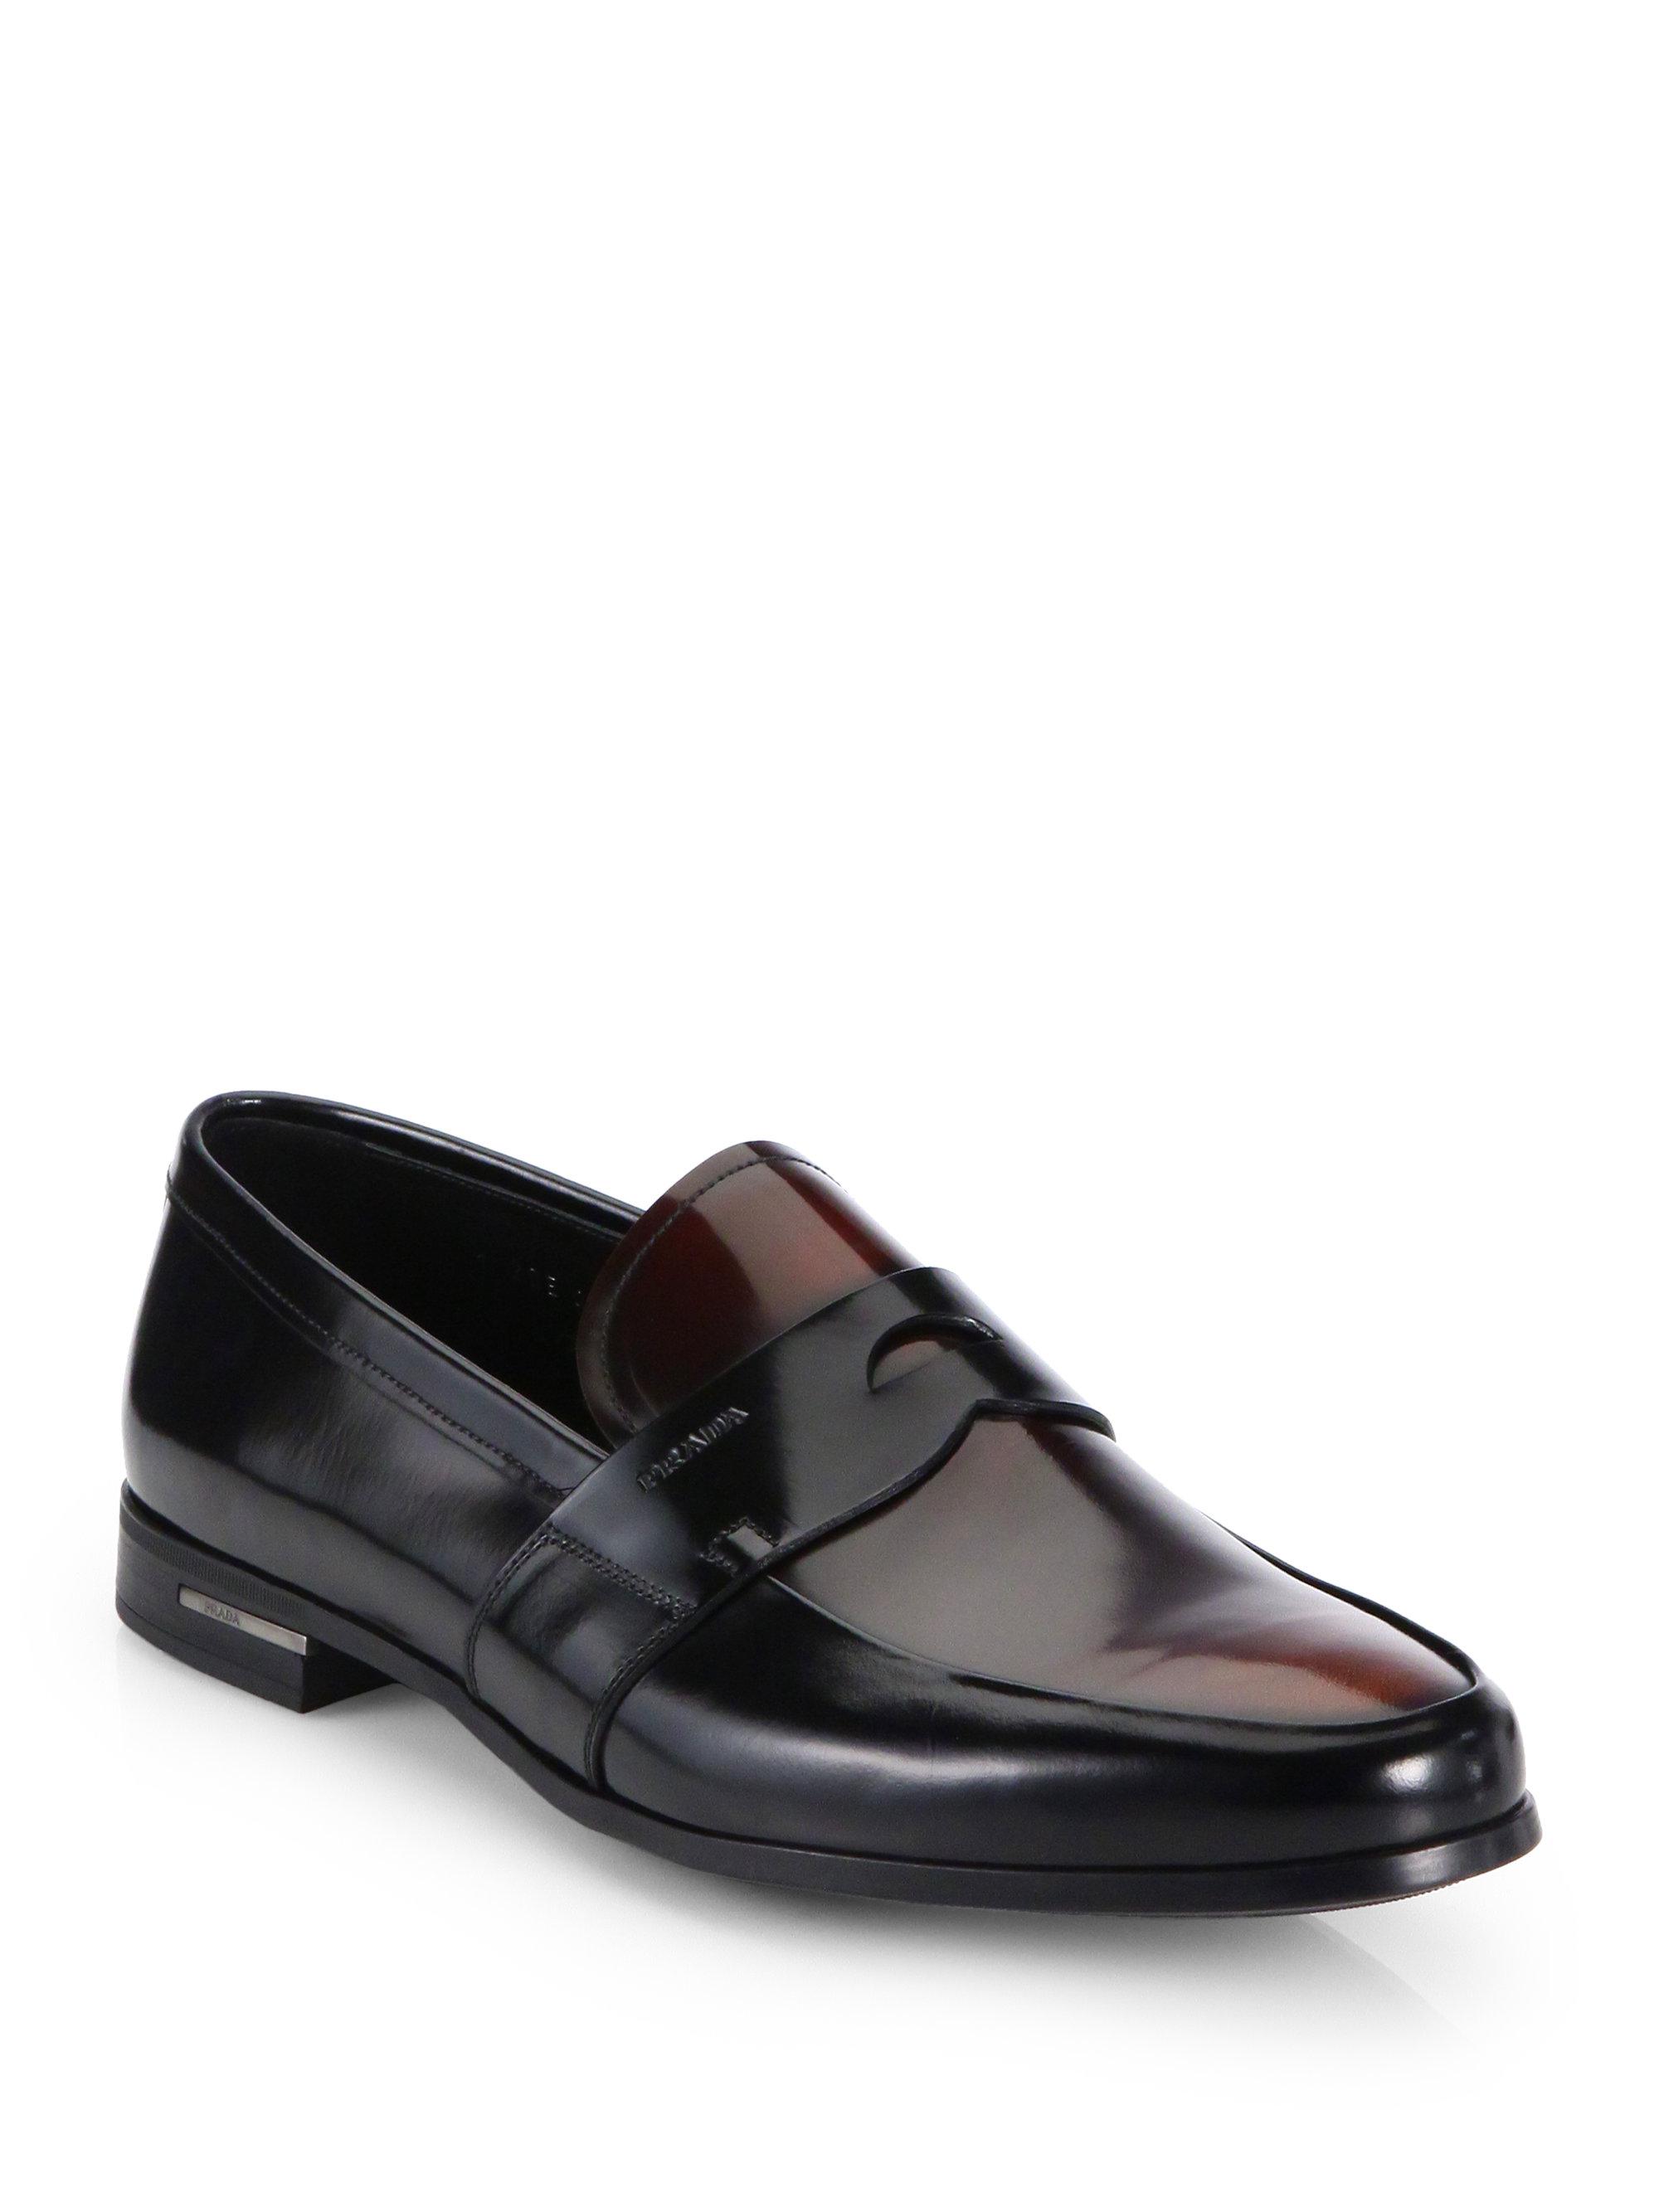 John Lobb Shoes >> Lyst - Prada Bicolor Spazzolato Penny Loafers in Black for Men